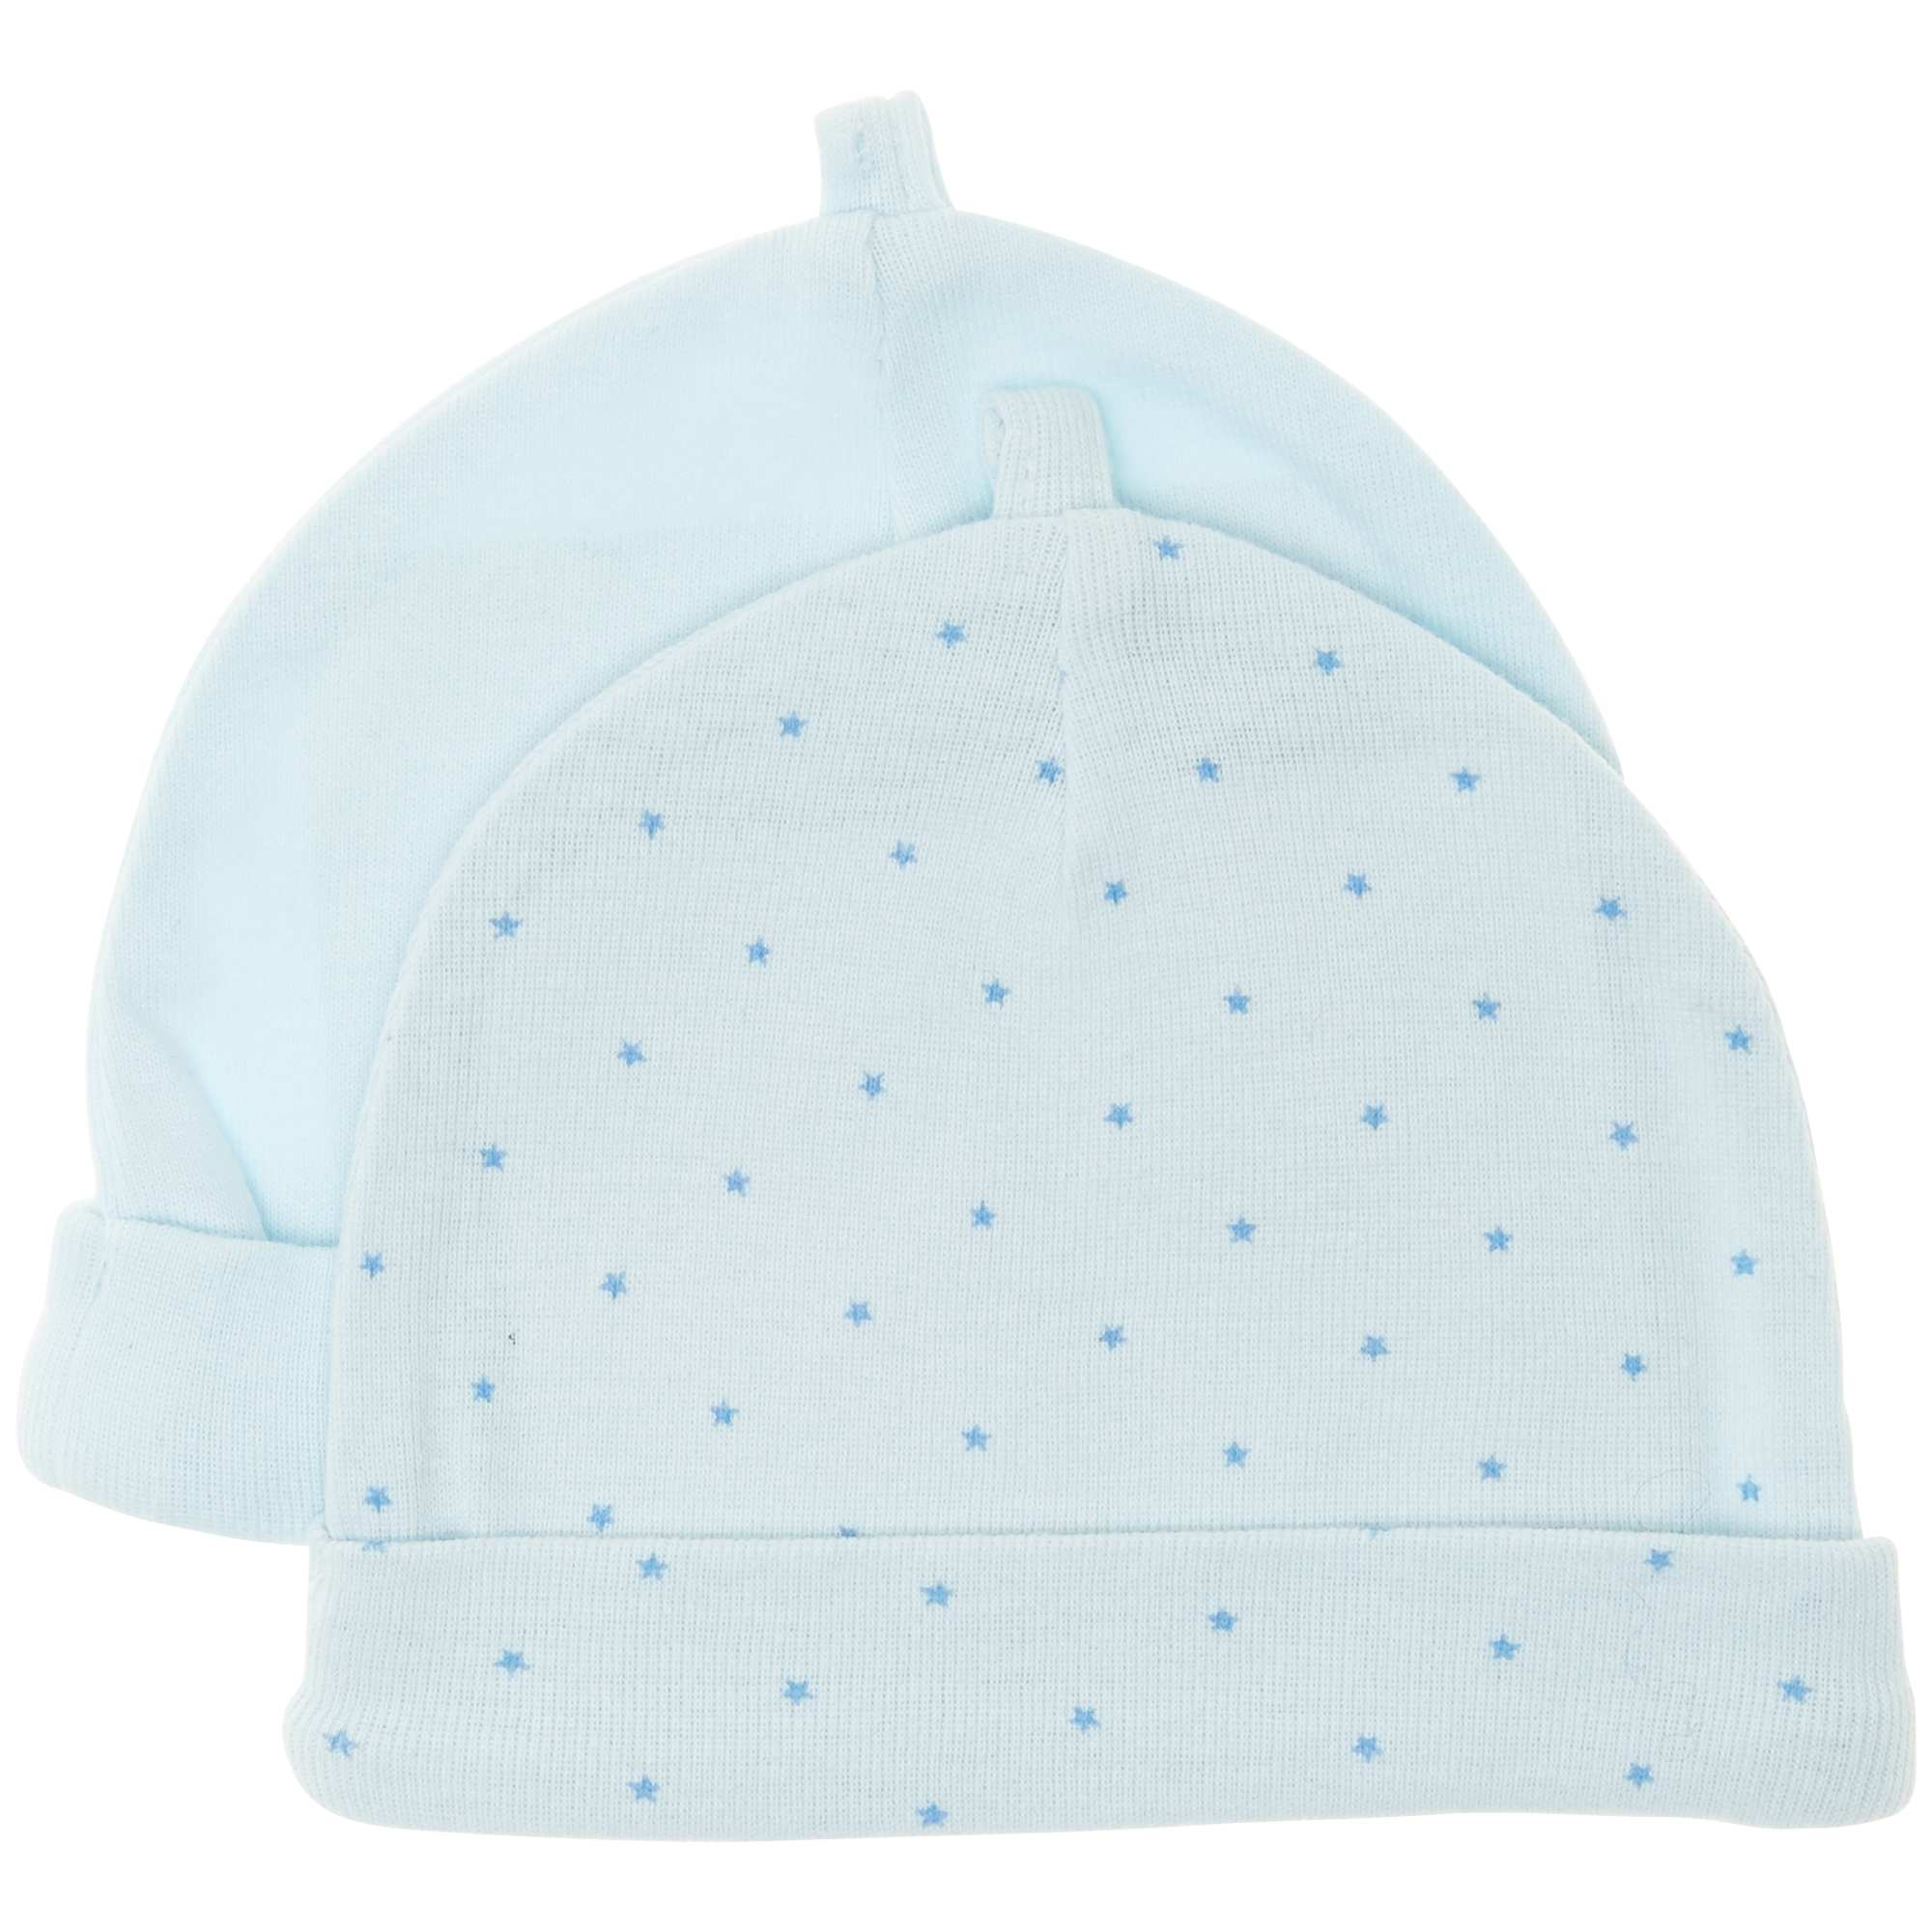 f837db4a283 Lot de 2 bonnets en coton bio Bébé garçon - bleu - Kiabi - 4